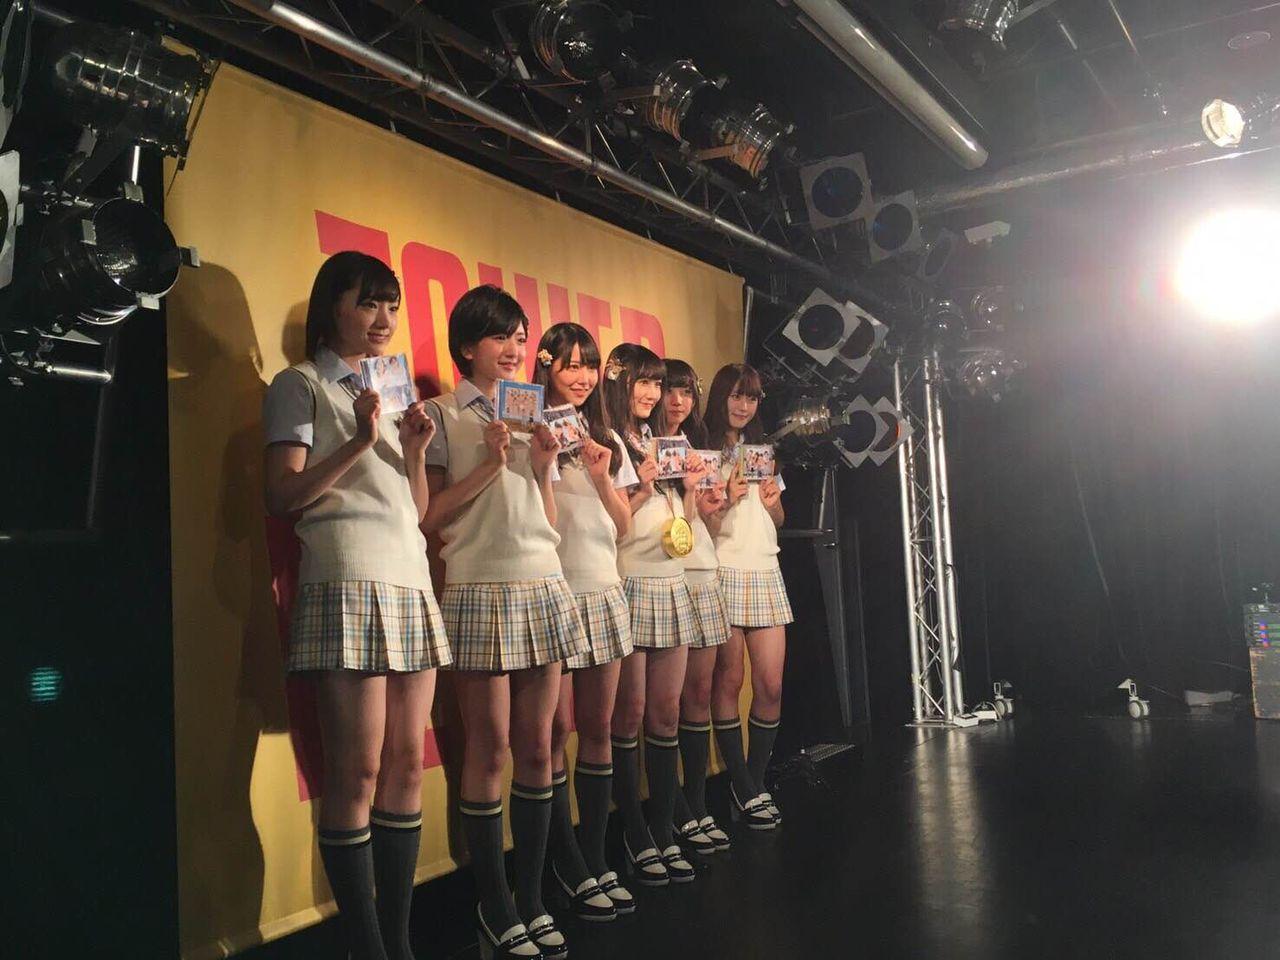 【NMB48タワレコイベント】矢倉楓子、弄られまくりwwwwwwww【僕はいない】